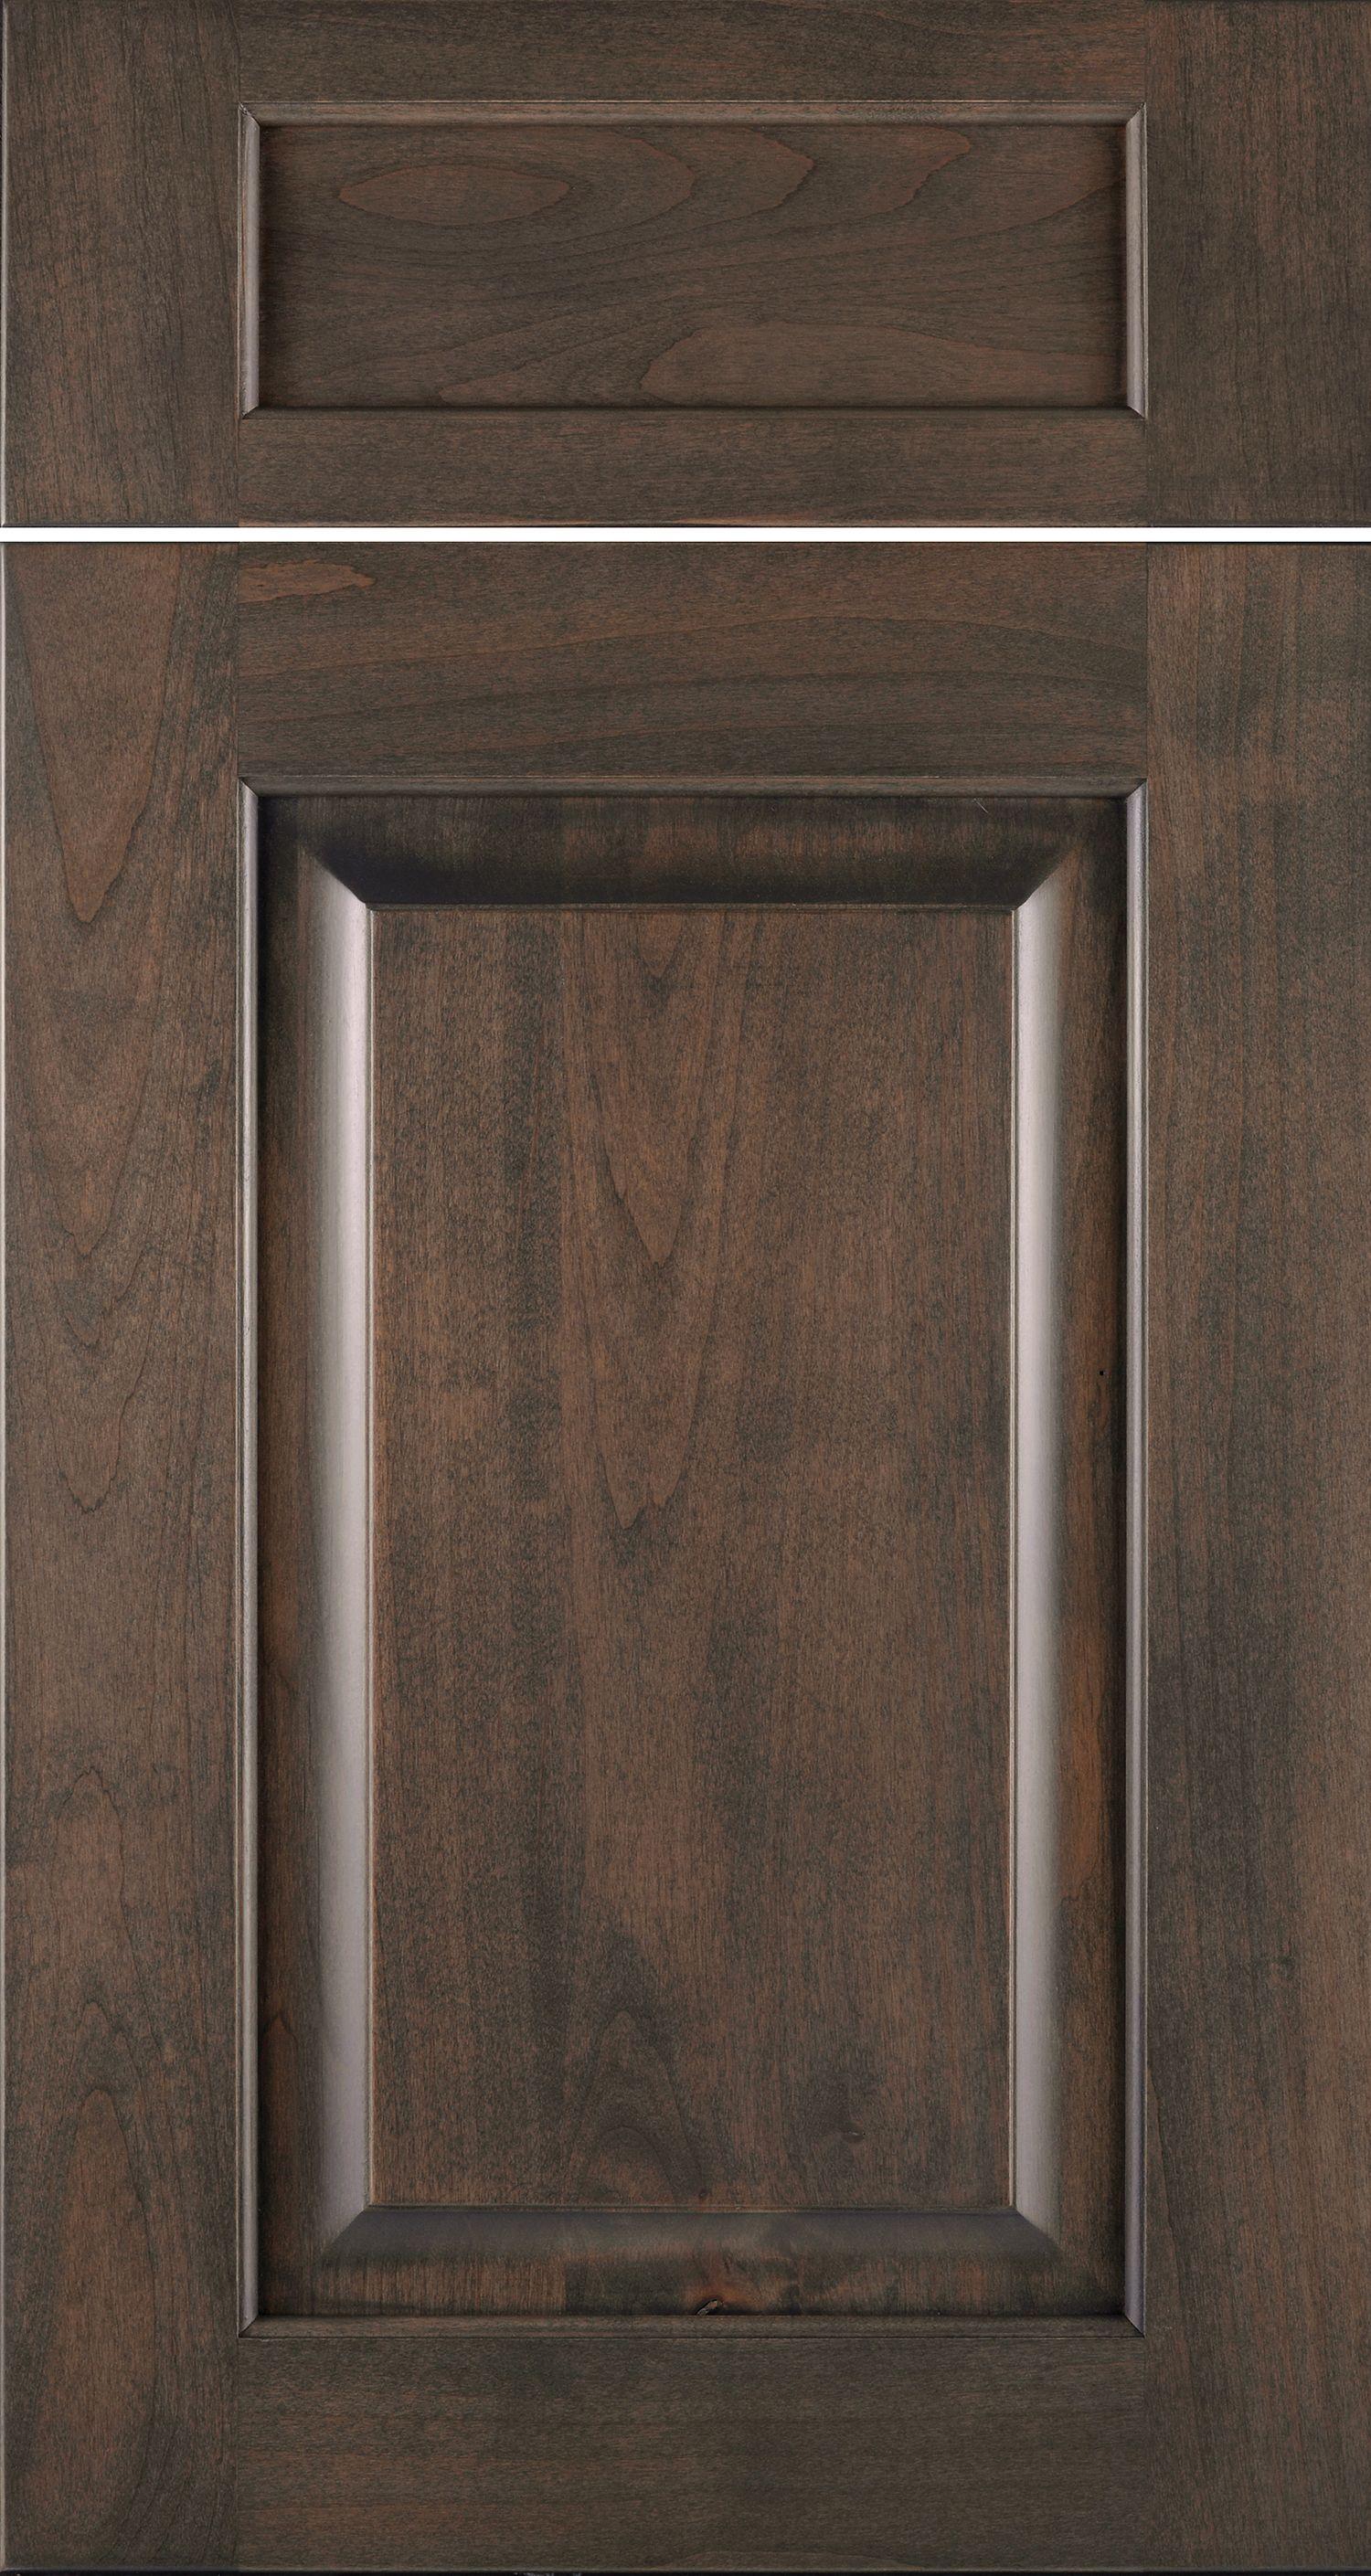 Jackson J Alder Breakwater 5 Piece Drawer Front Door Styles